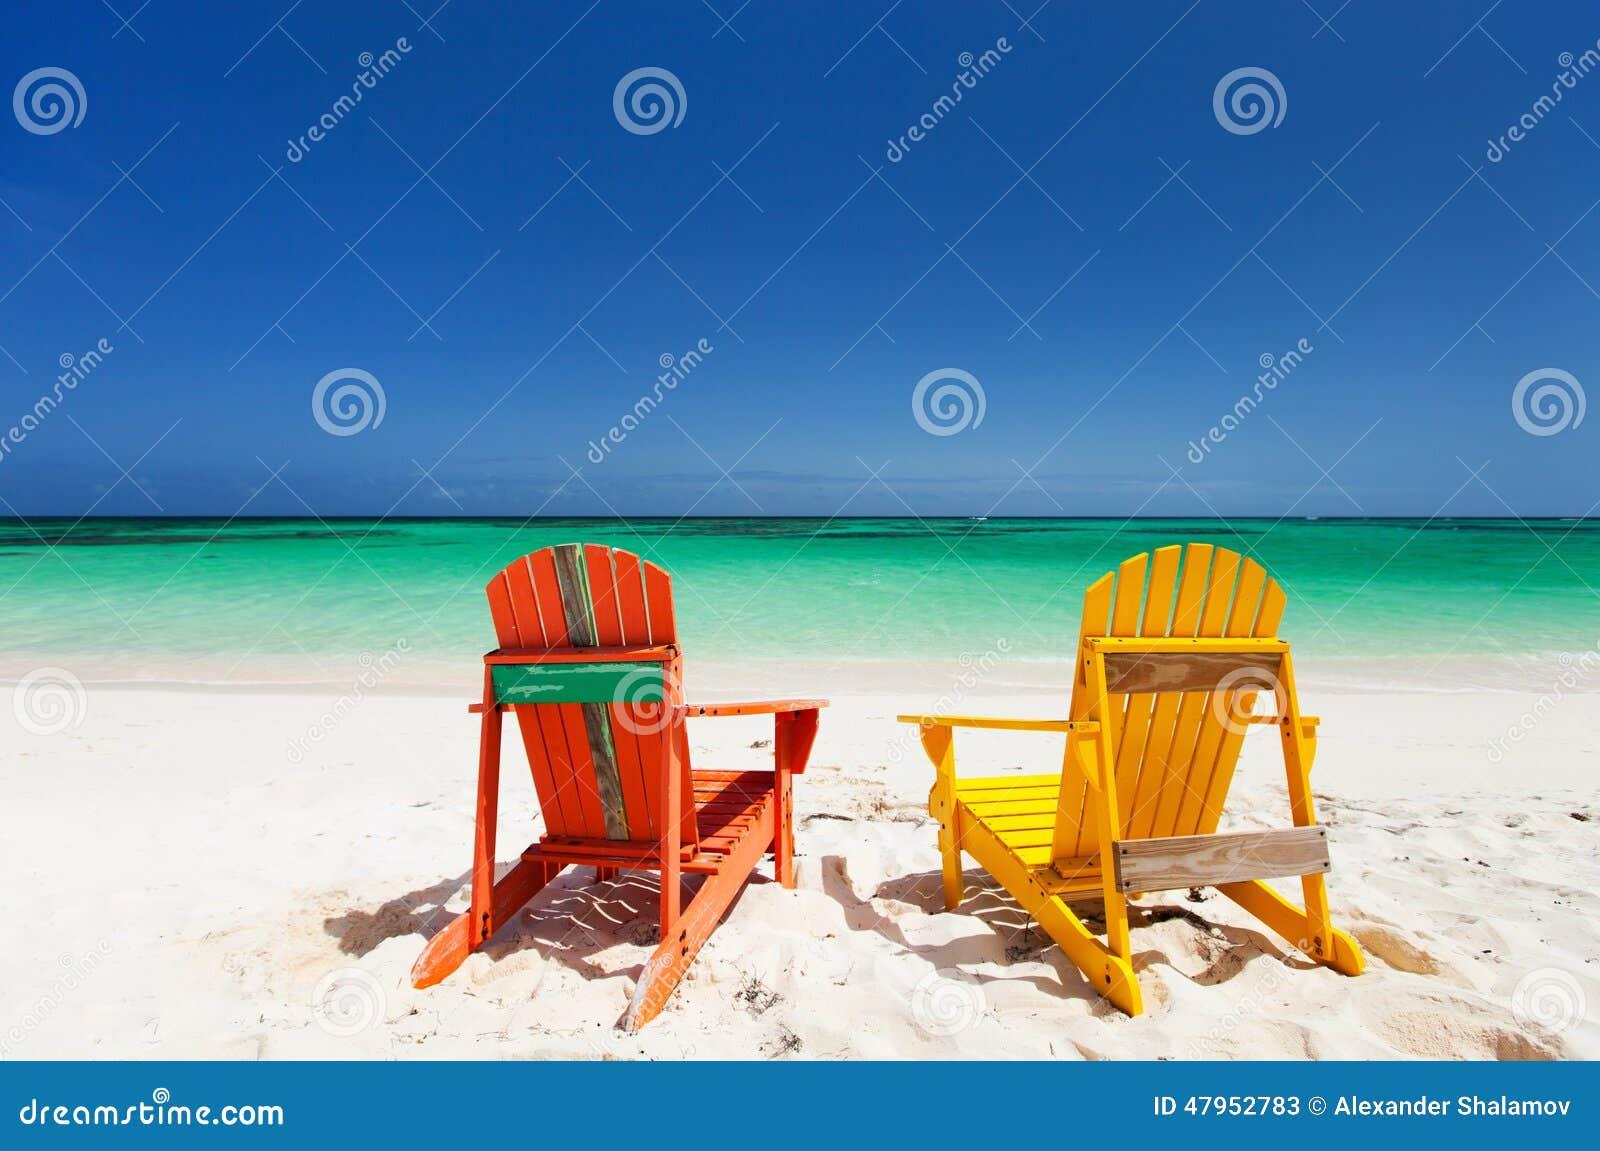 Sillones Coloridos.Sillones Coloridos En La Playa Del Caribe Imagen De Archivo